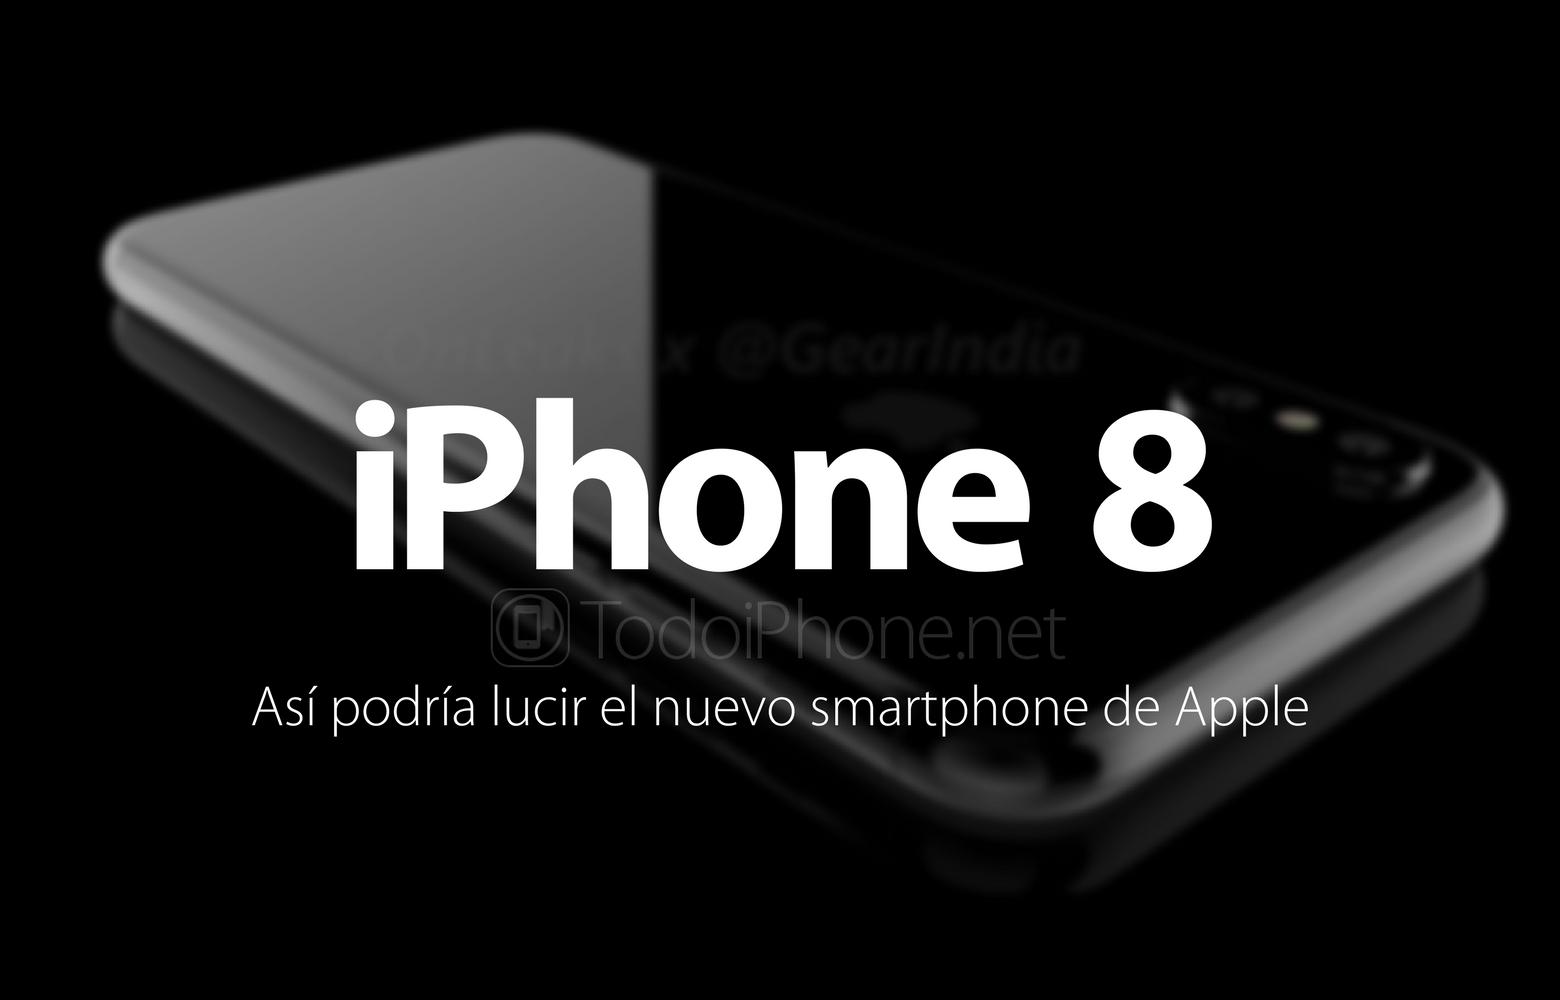 2736c2e966d Cogiendo de base todo lo que se hablado sobre el nuevo terminal iOS de Apple,  salen a la luz una serie de imágenes que nos permiten ver el posible  aspecto ...